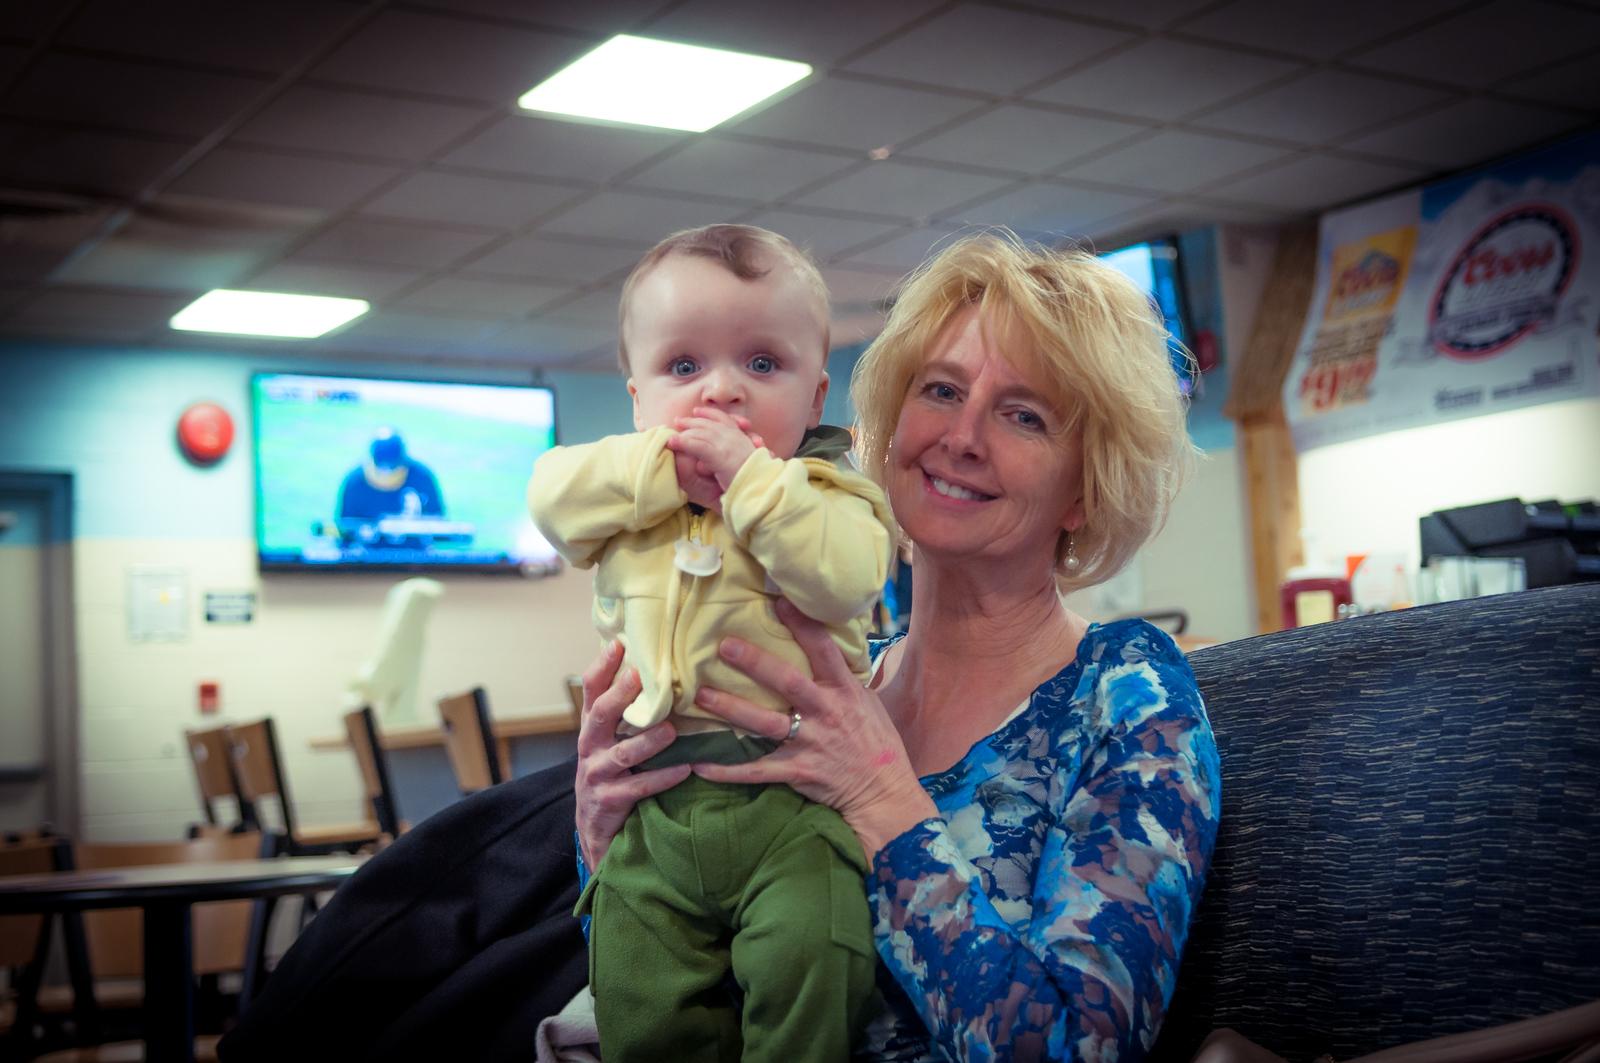 Grandma and Hayden